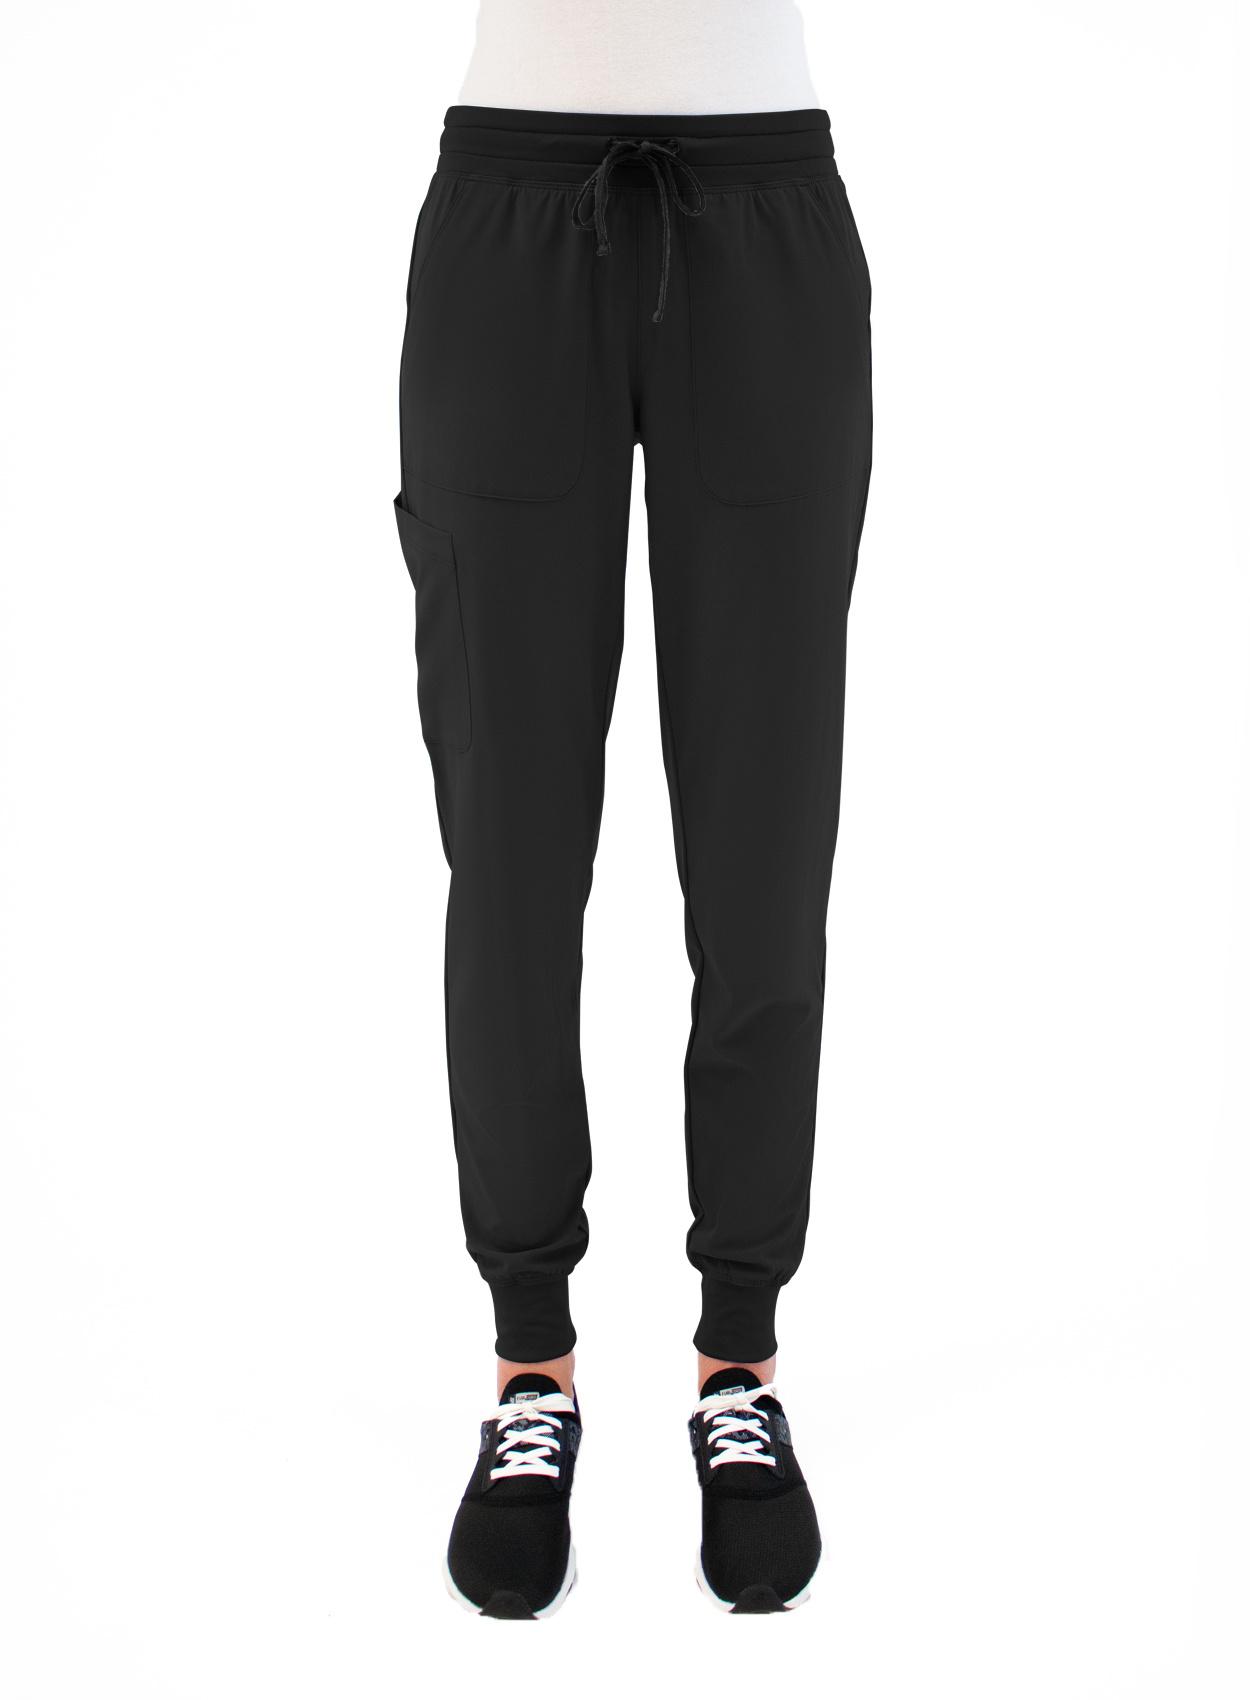 MATRIX IMPULSE Black Yoga Waistband Petite Women's Jogger Scrub Pants 8520P